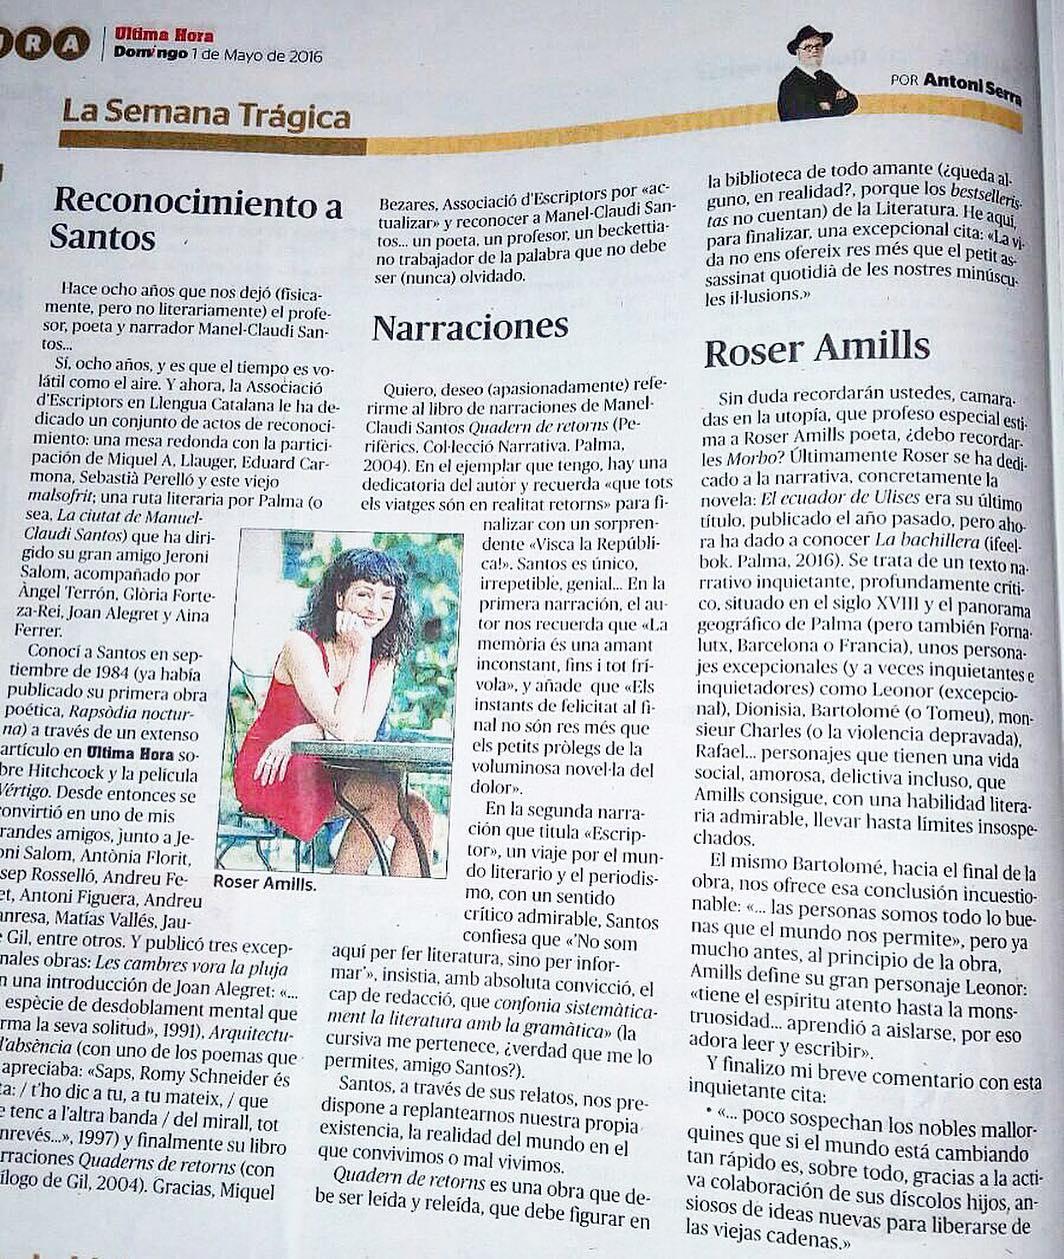 Diario balear Última Hora | Roser Amils presenta su libro 'Me gusta el sexo' en un escaparate-dormitorio